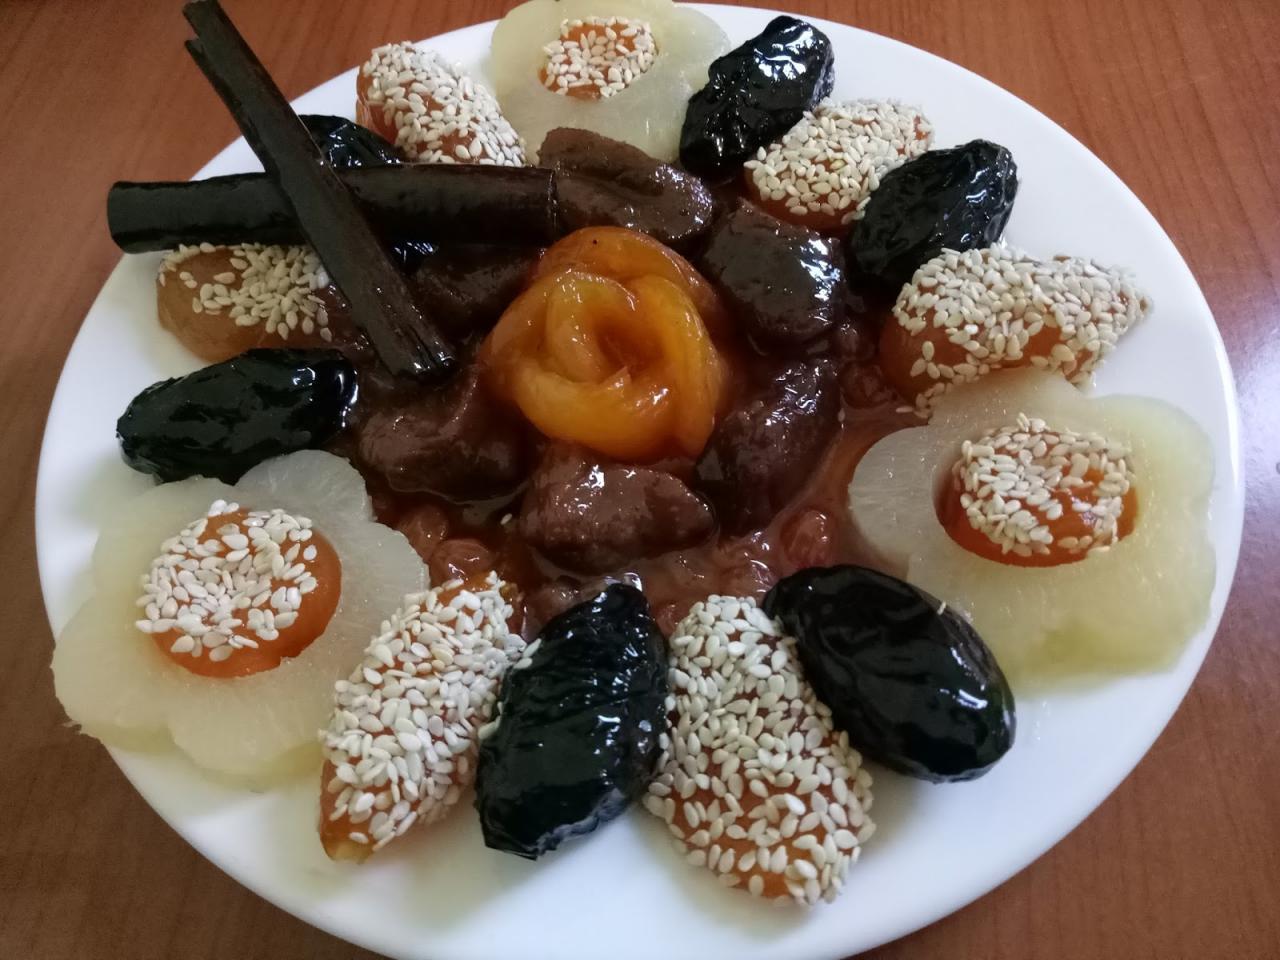 صورة طاجين الحلو بدون لحم , طاجن الحلو الاقتصادي القرديحي جدا